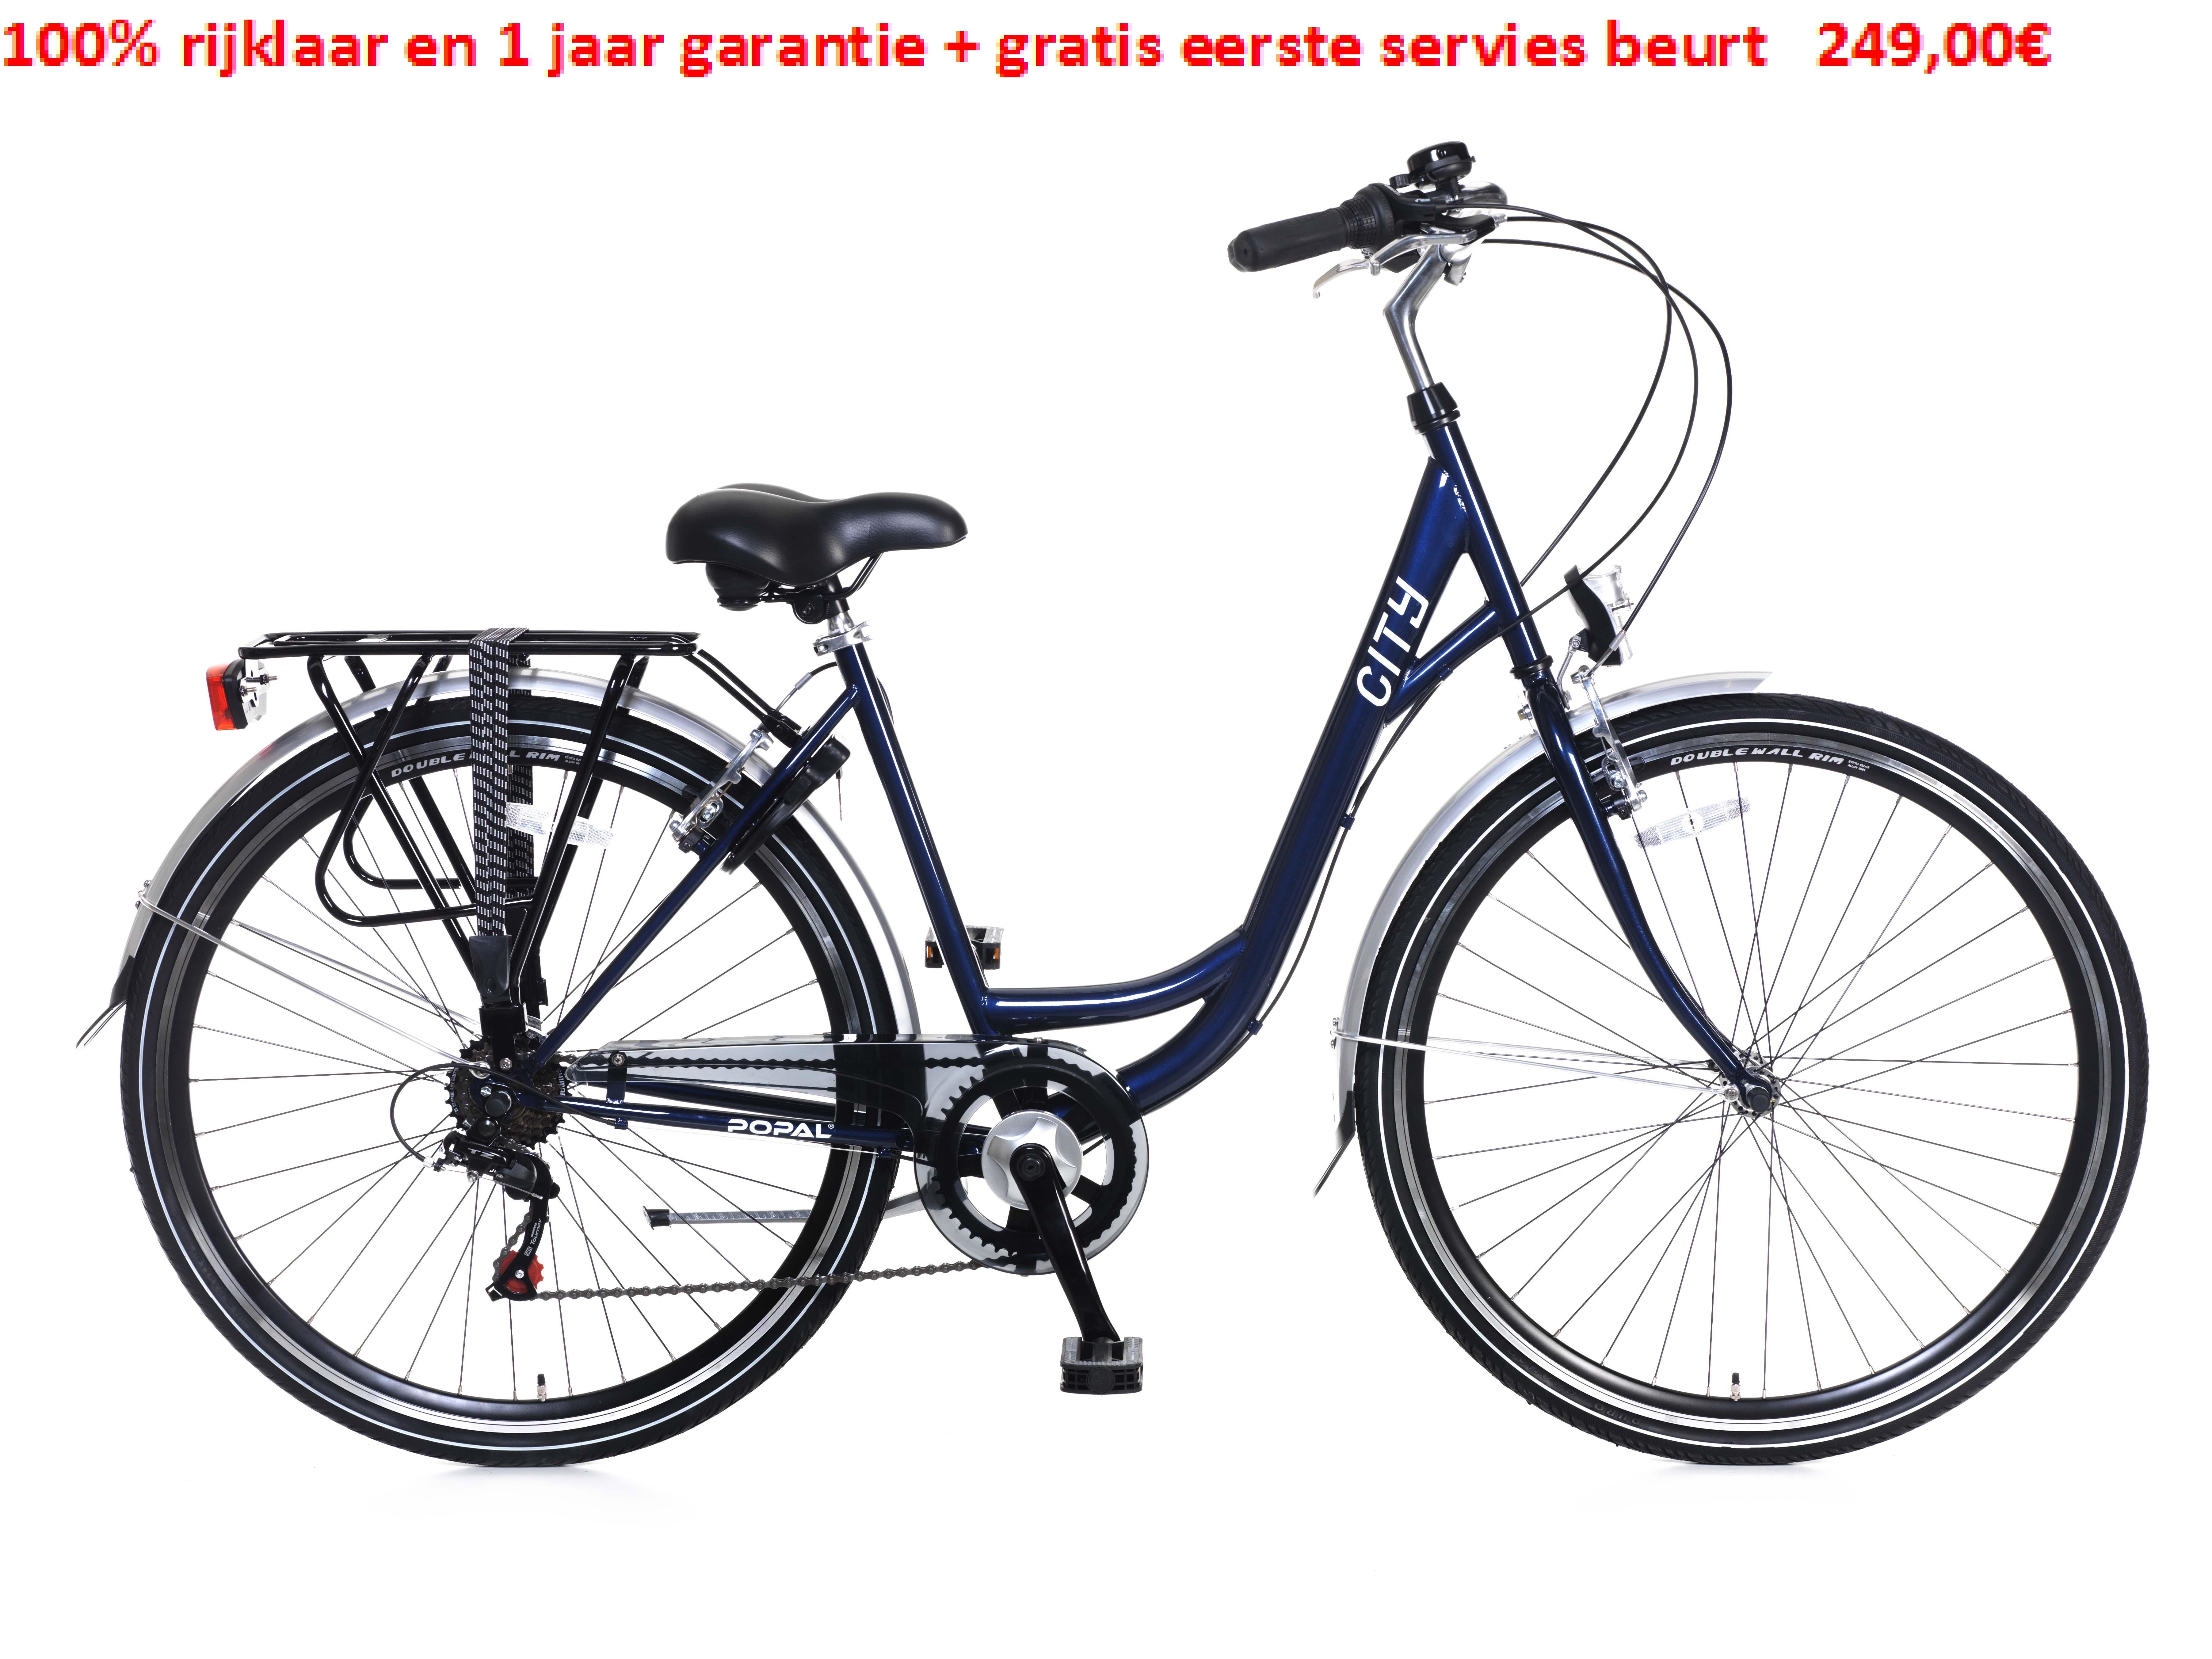 City 6 SPEED 100% rijklaar en 1 jaar garantie + gratis eerste servies beurt   249,00€